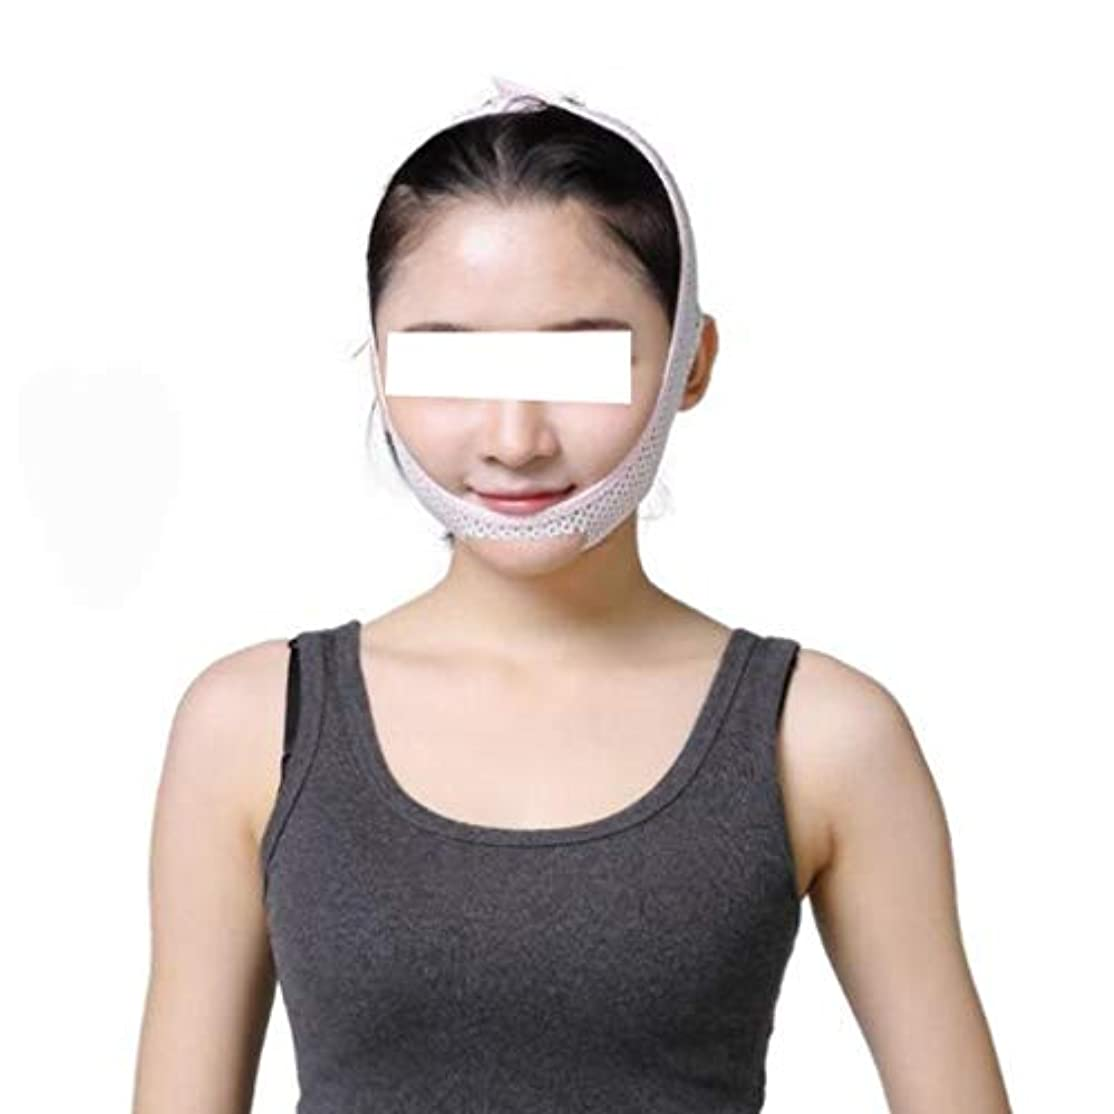 パキスタン化粧囲む春夏の超薄型通気性フェイスリフトマスク-Vフェイスアーティファクトフェイス包帯 - リフティングファーミングコレクションダブルチンフェイスリフティング